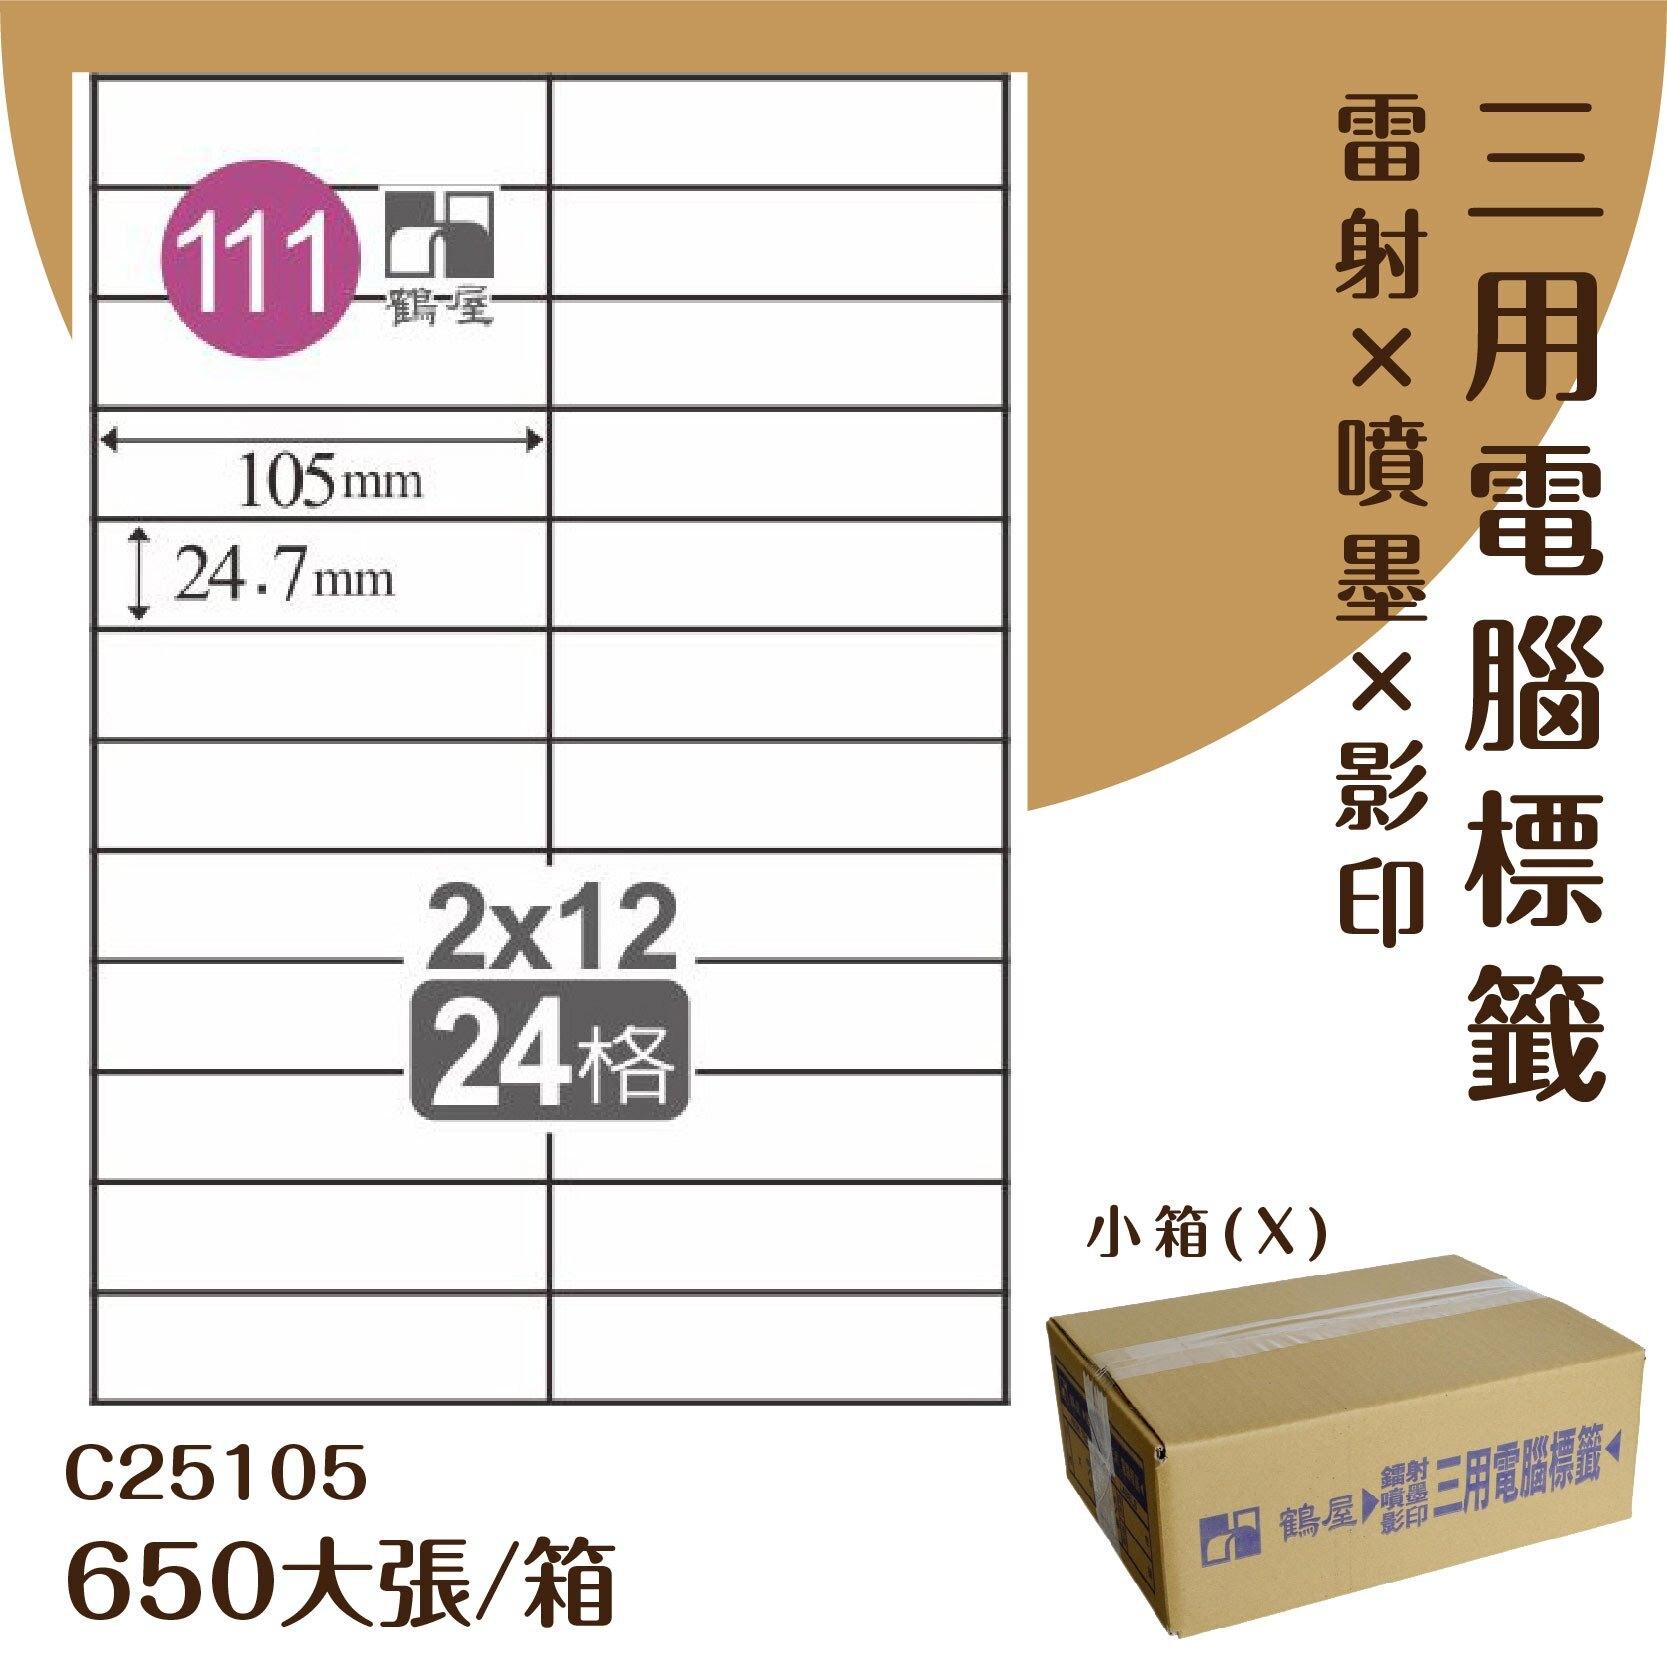 【優質好物】鶴屋 電腦標籤紙-白色 C25105 24格 650大張/小箱 (自黏貼紙/三用標籤/影印&雷射&噴墨)